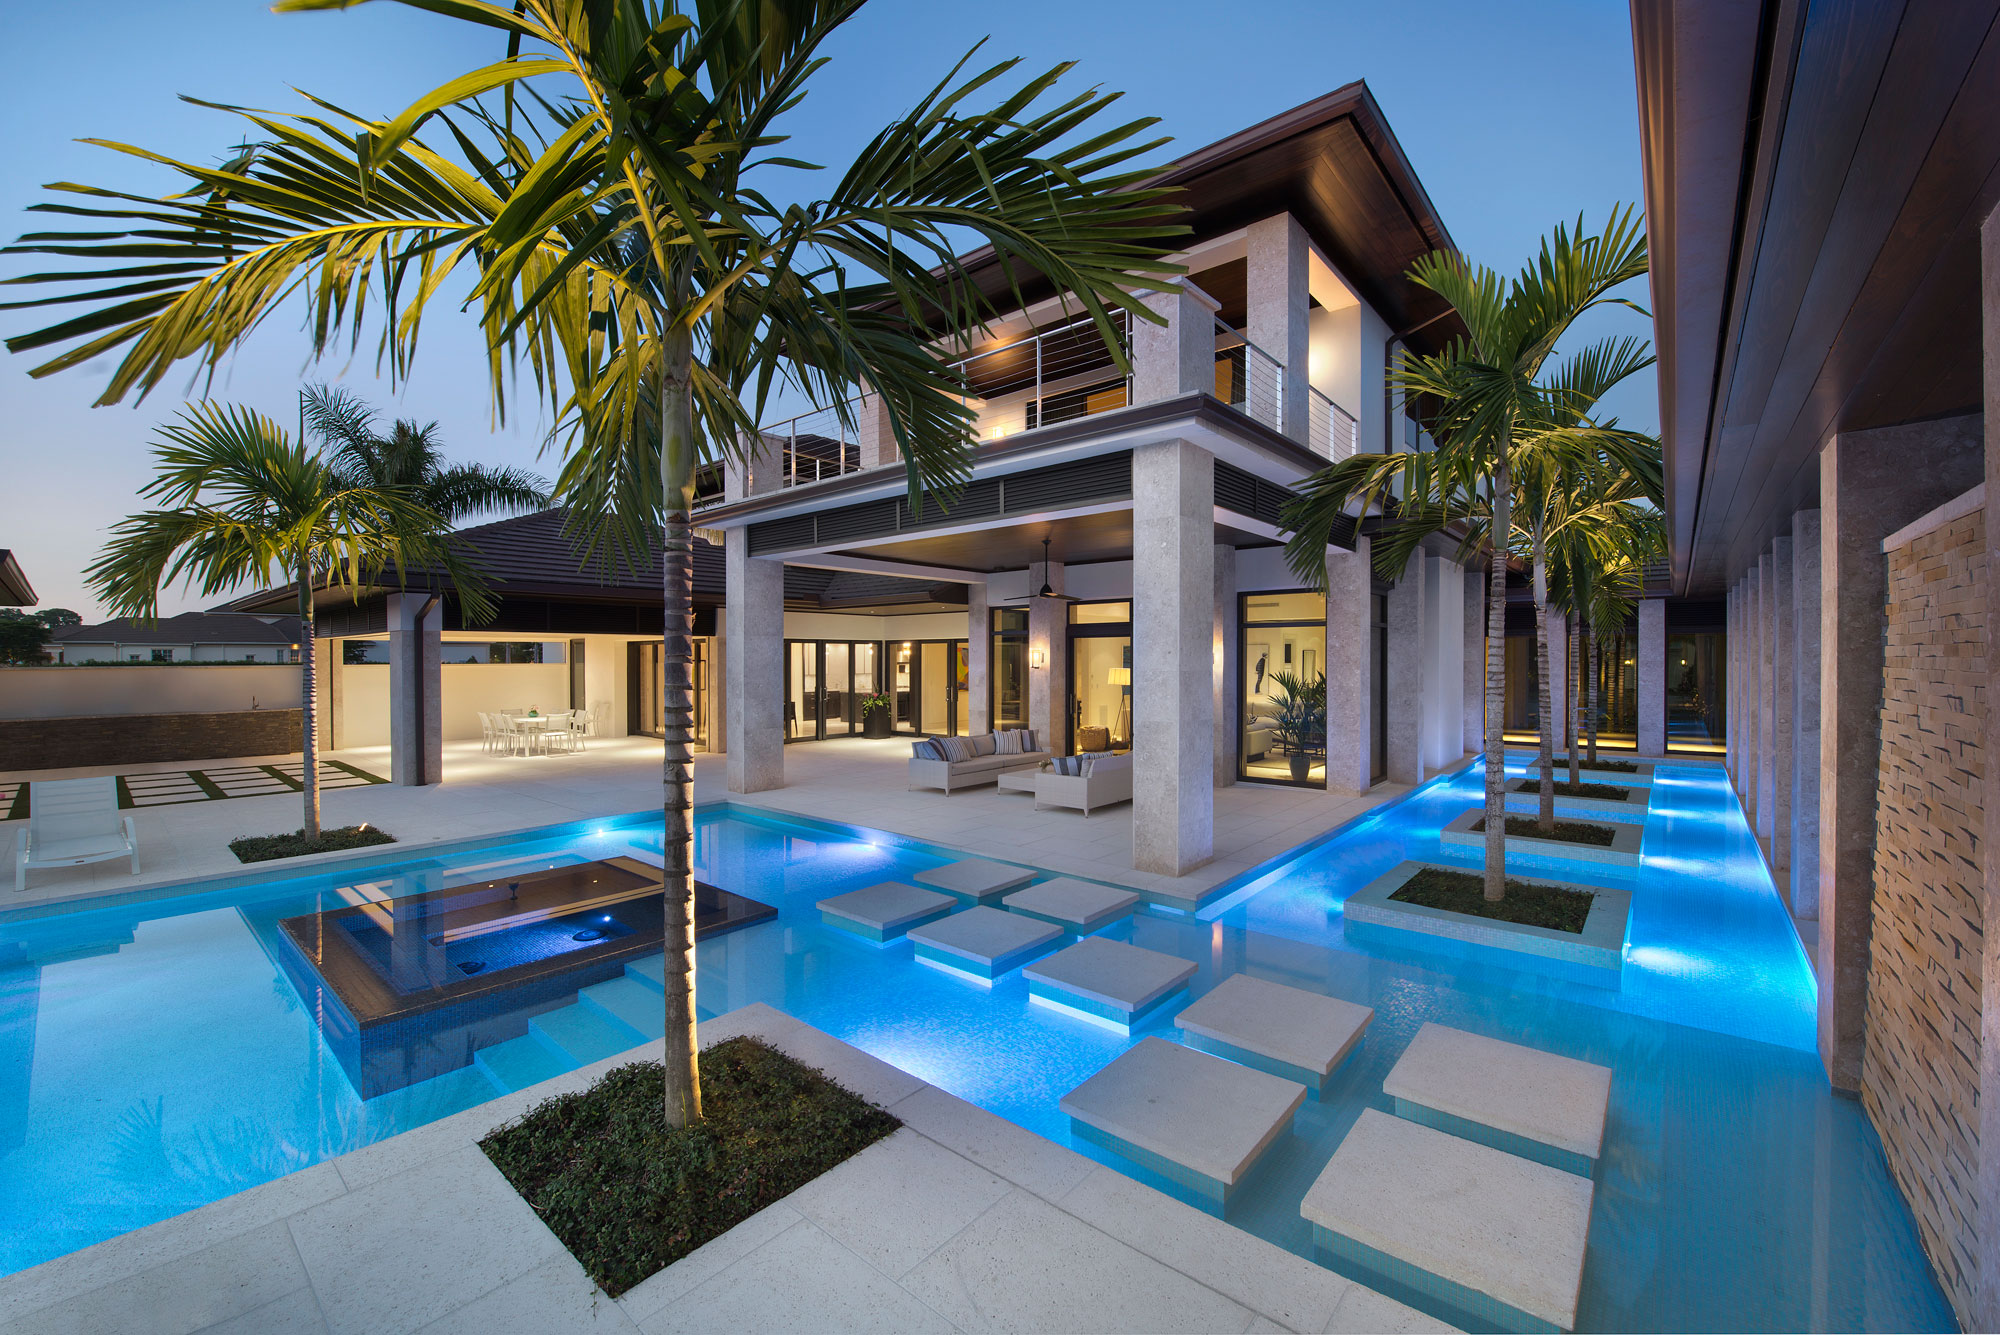 Wedo thiết kế ngoại thất, bể bơi sang trọng cho biệt thự nhà vườn